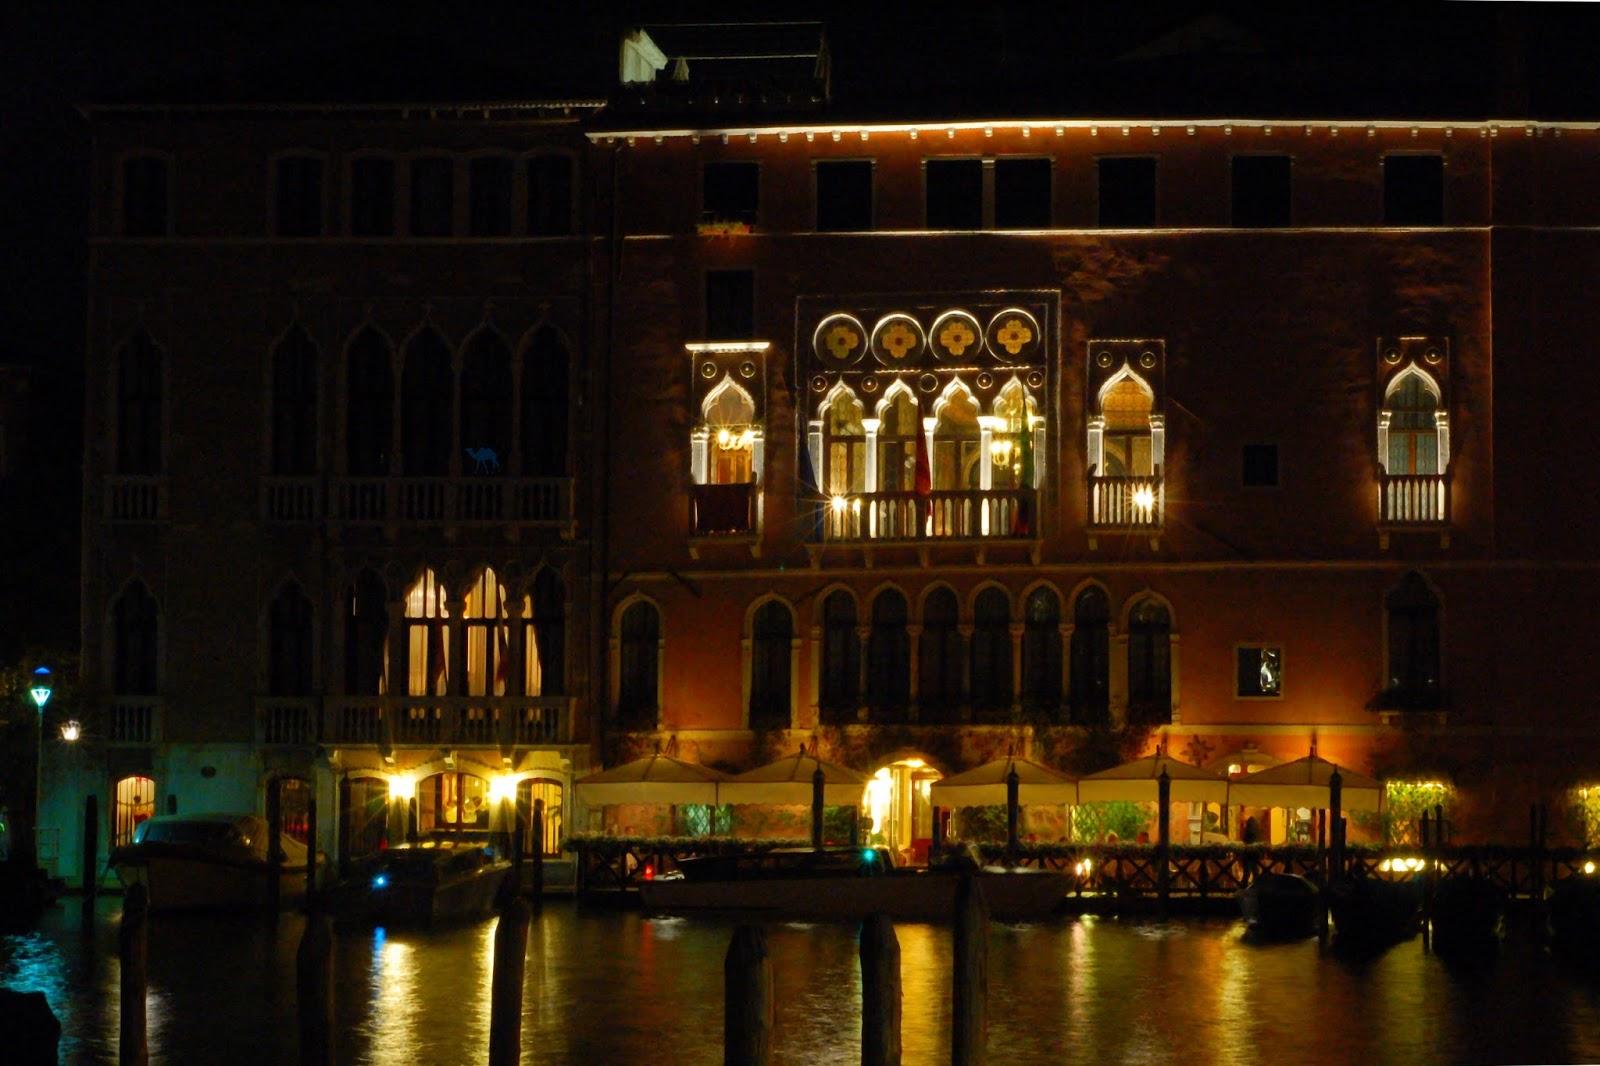 Le Chameau Bleu - Les canaux de Venise by Night